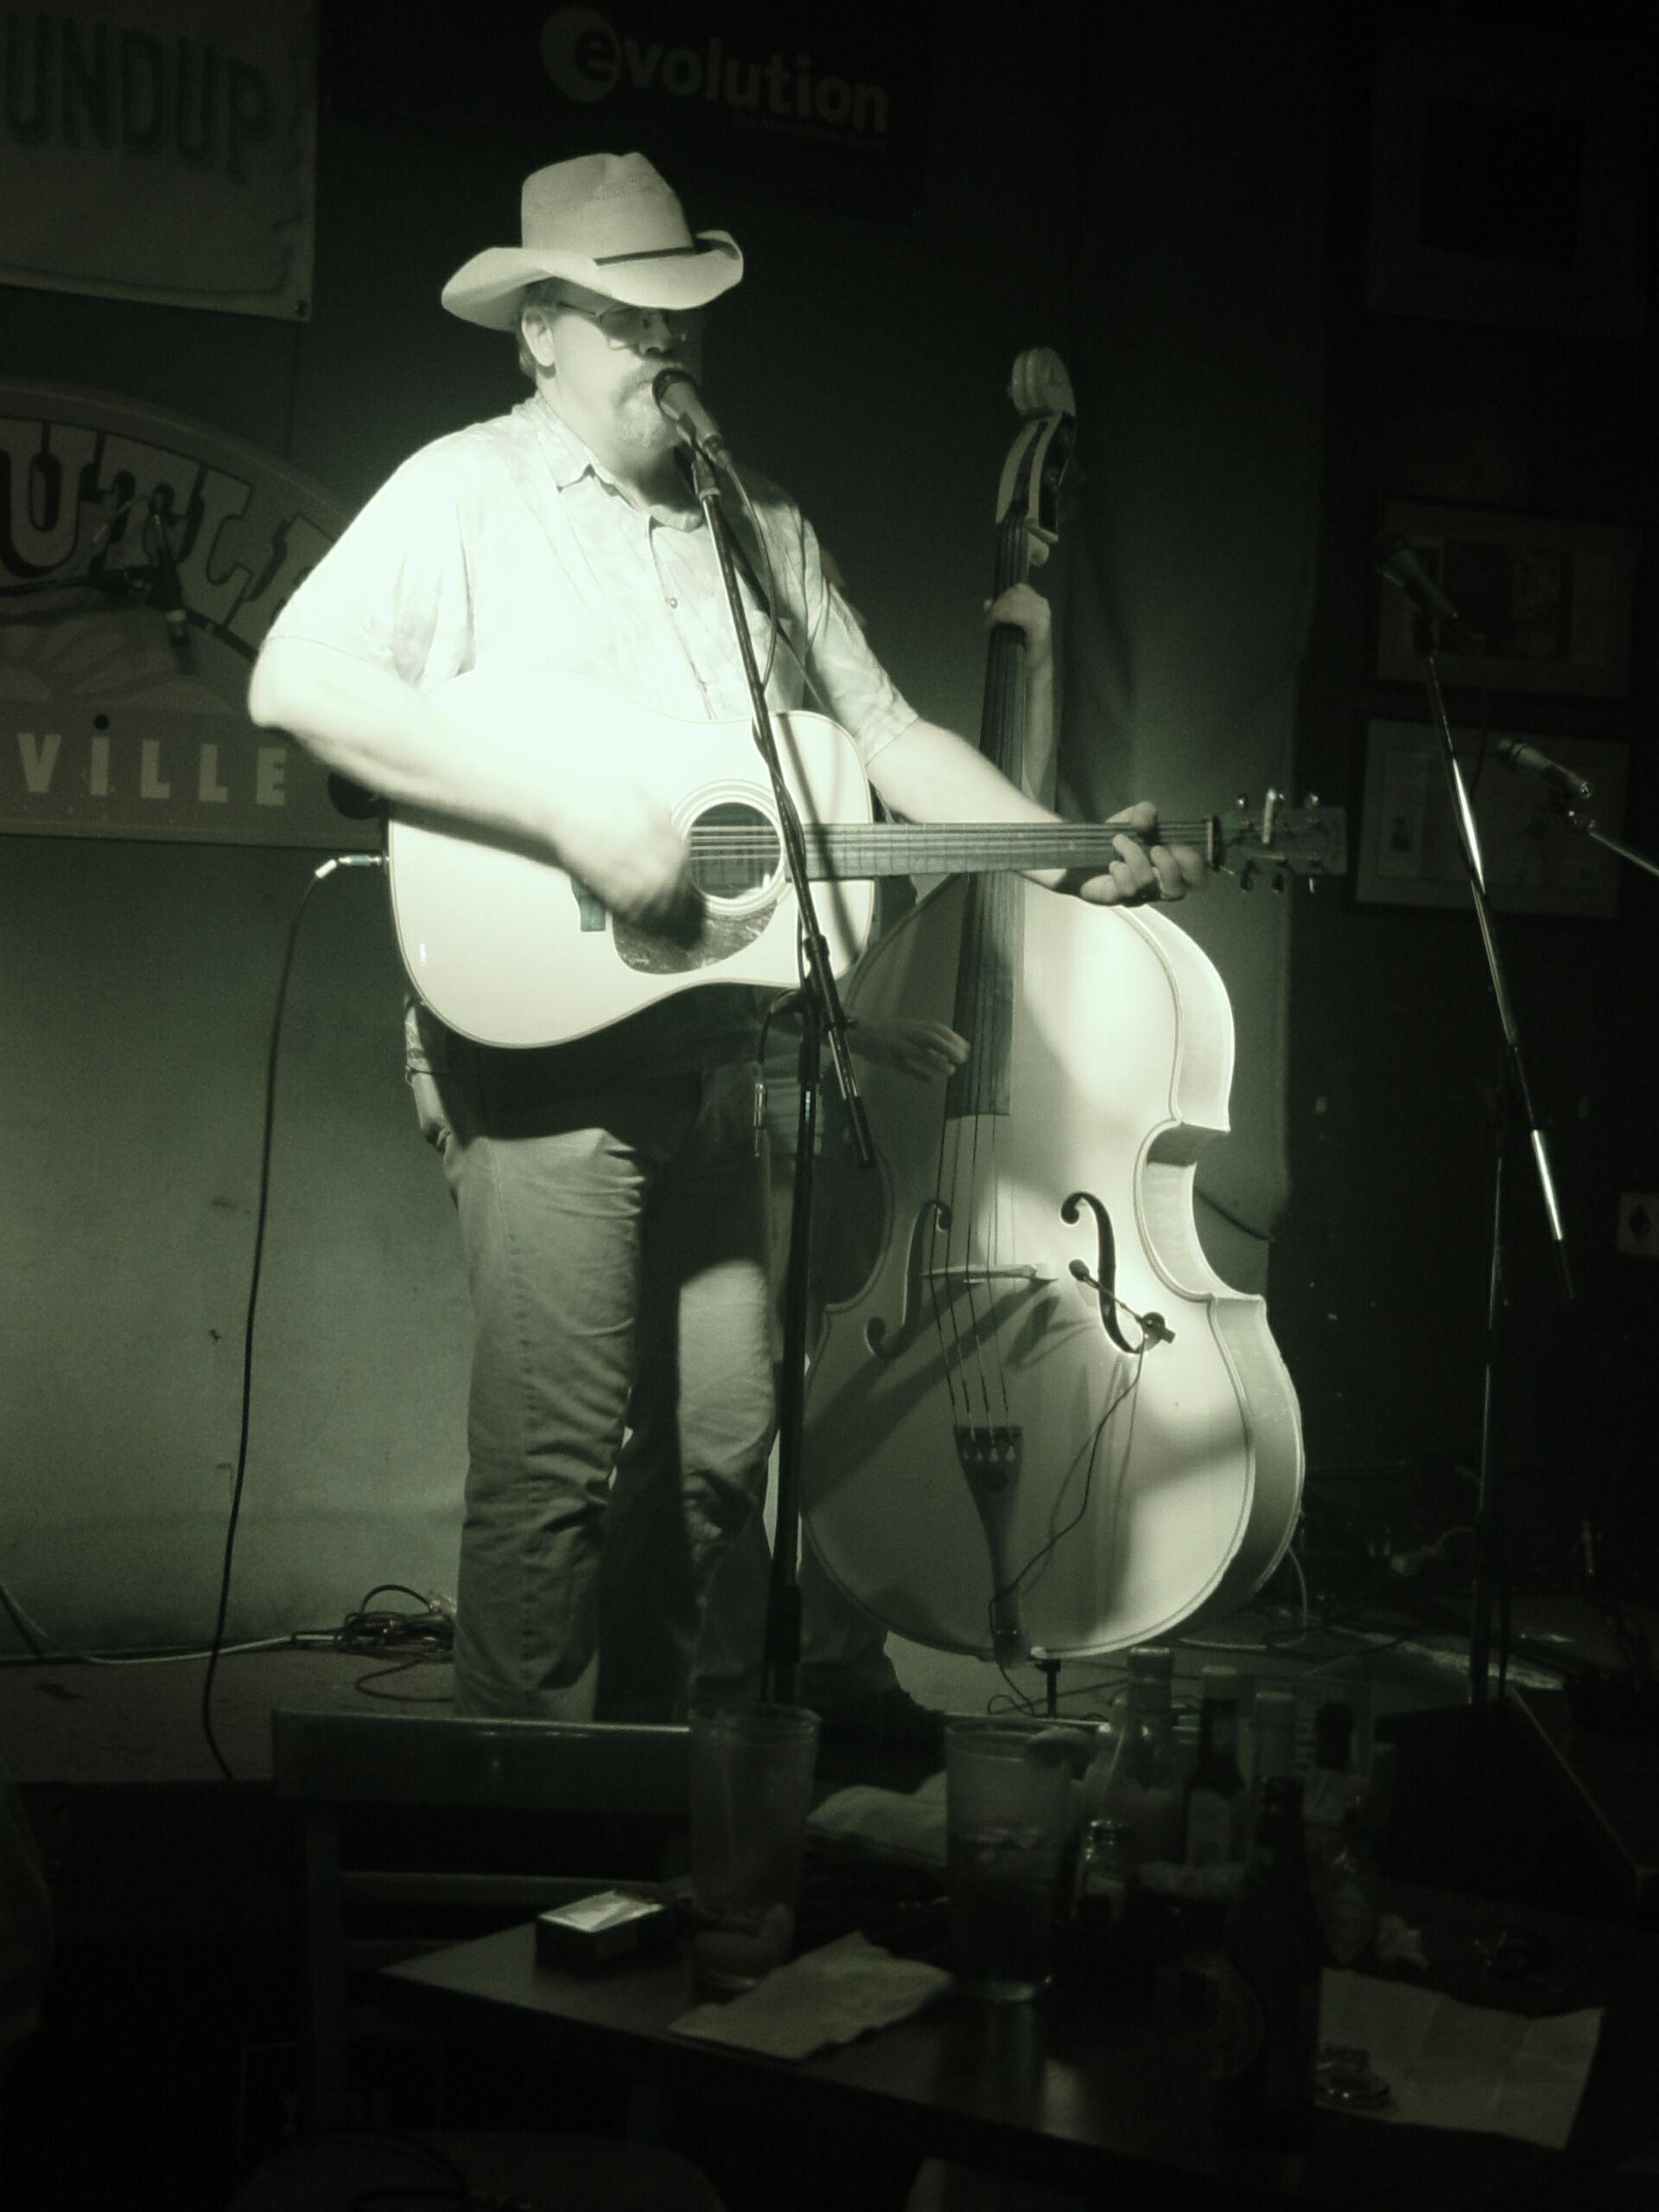 at The Sutler Nashville, TN 2003 or so